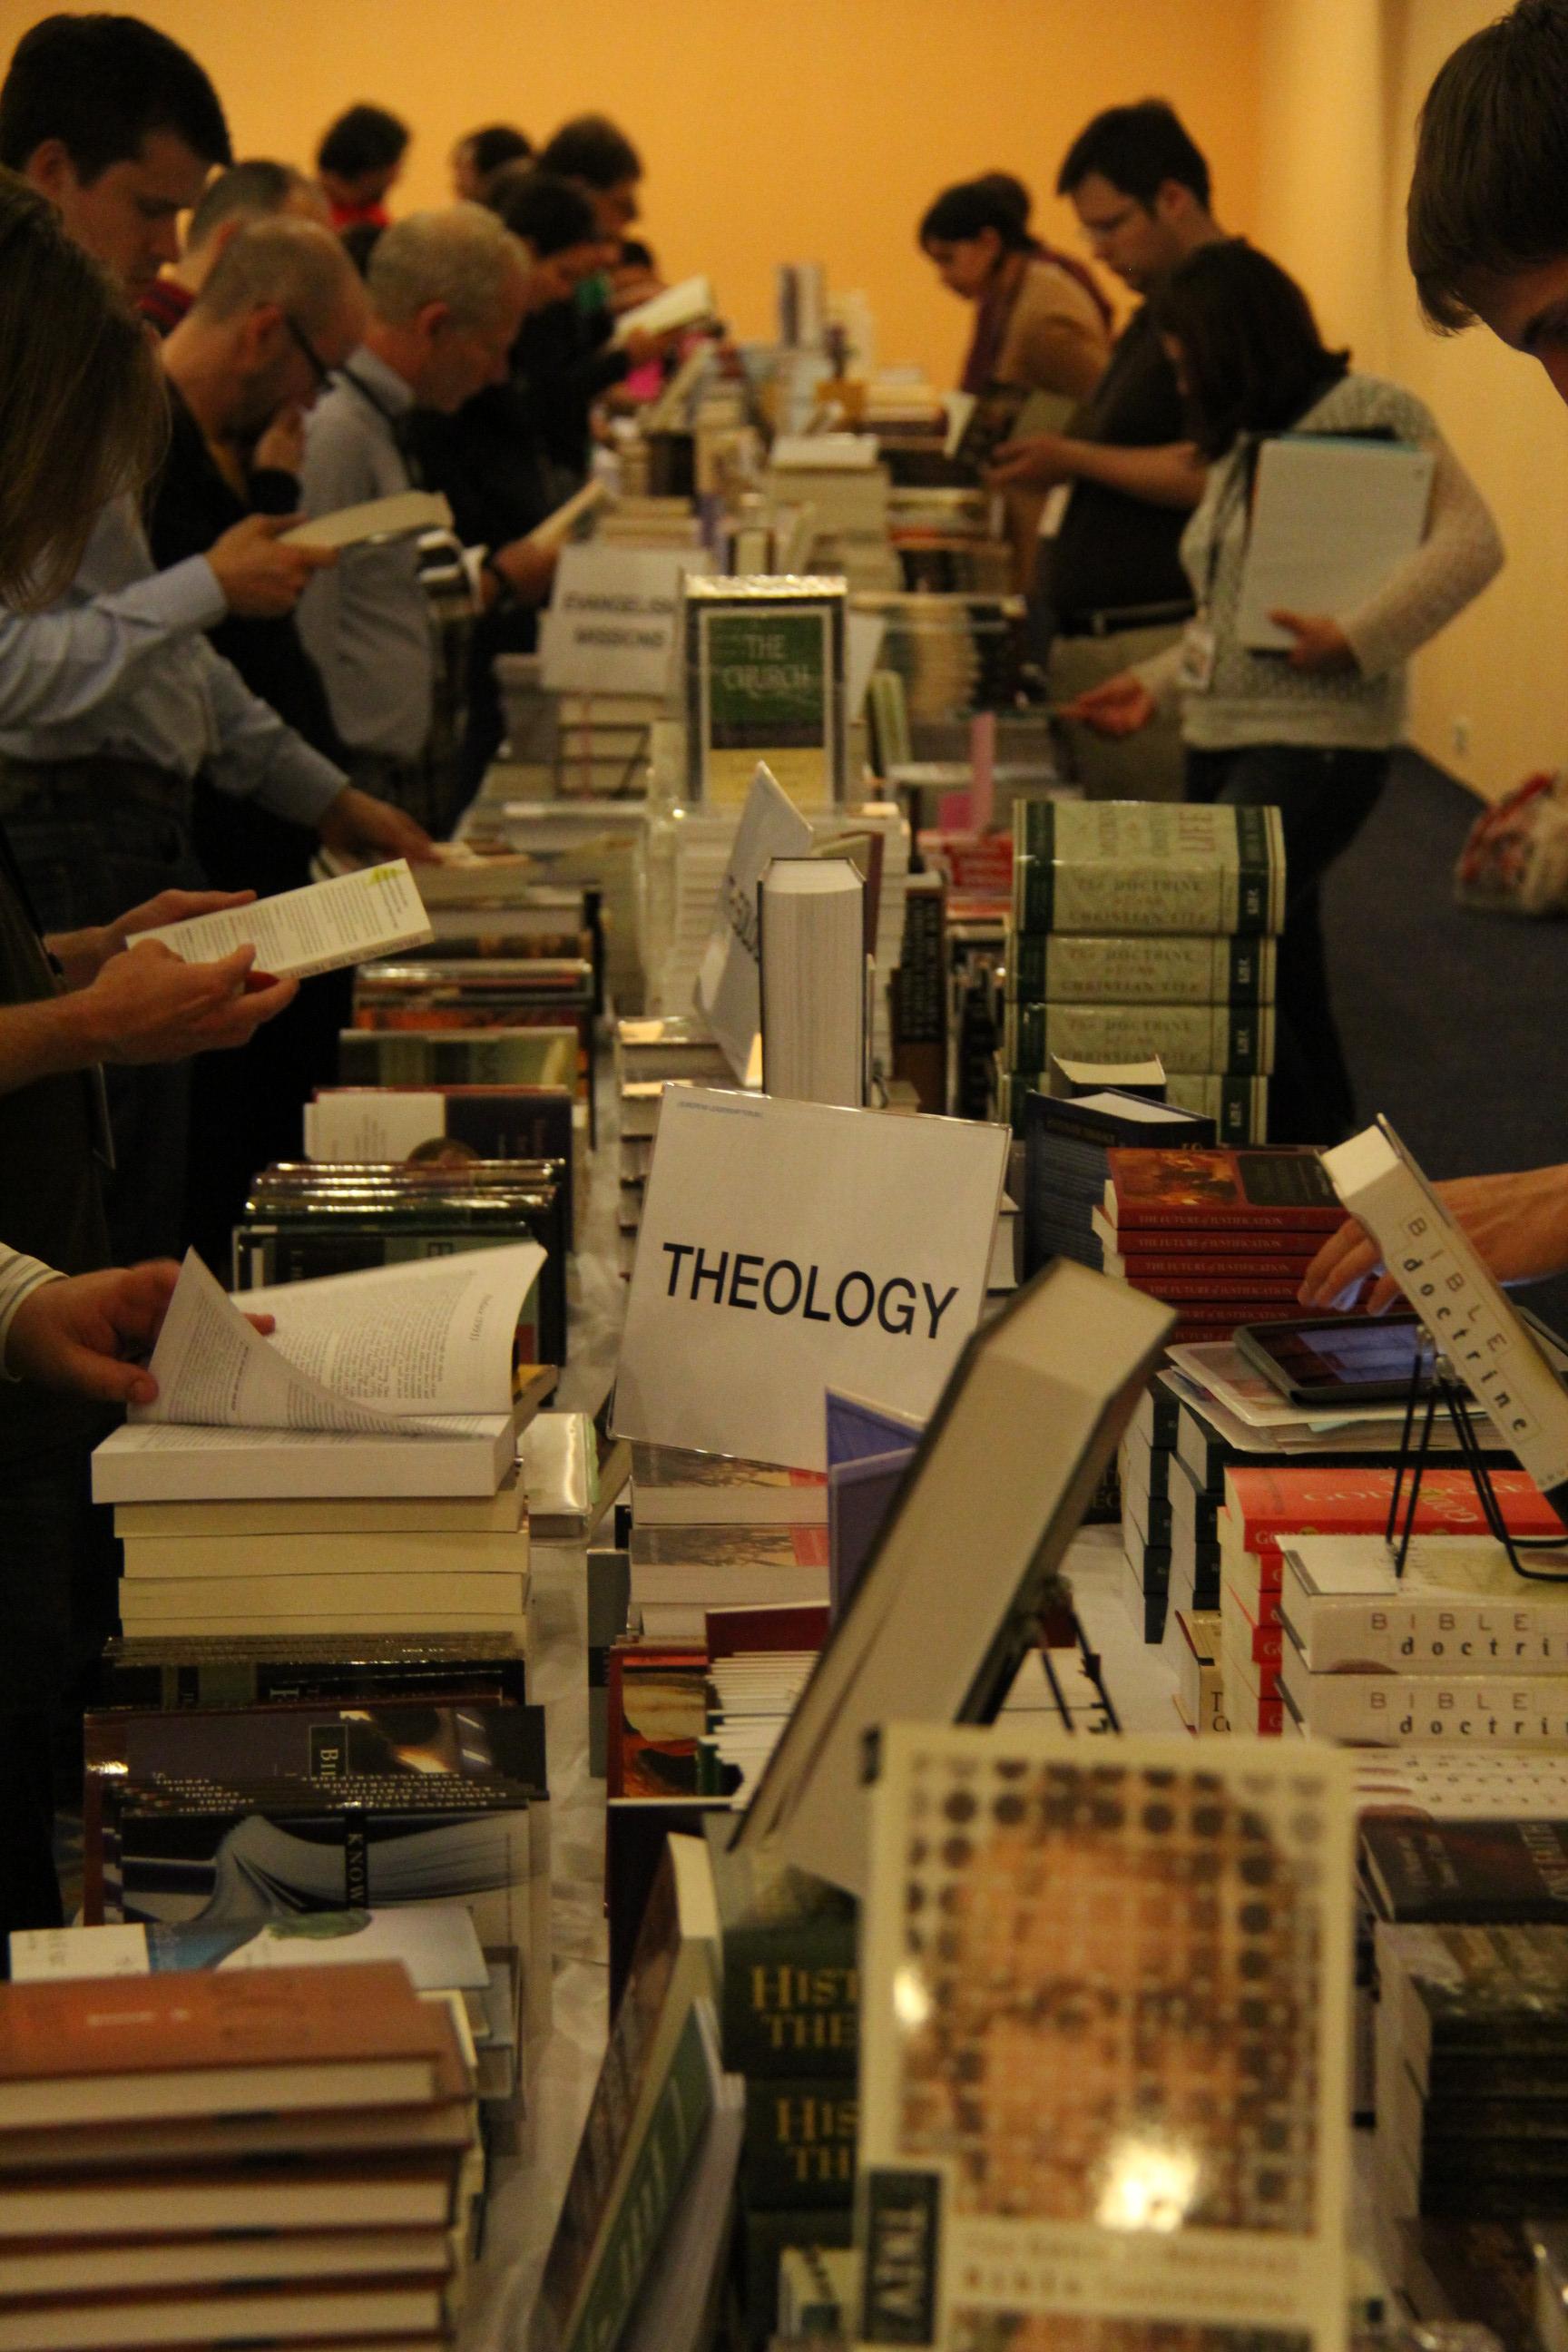 Teológiai könyvek széles választéka volt elérhető, kedvezményesen (Fotó: Horváth Dénes)